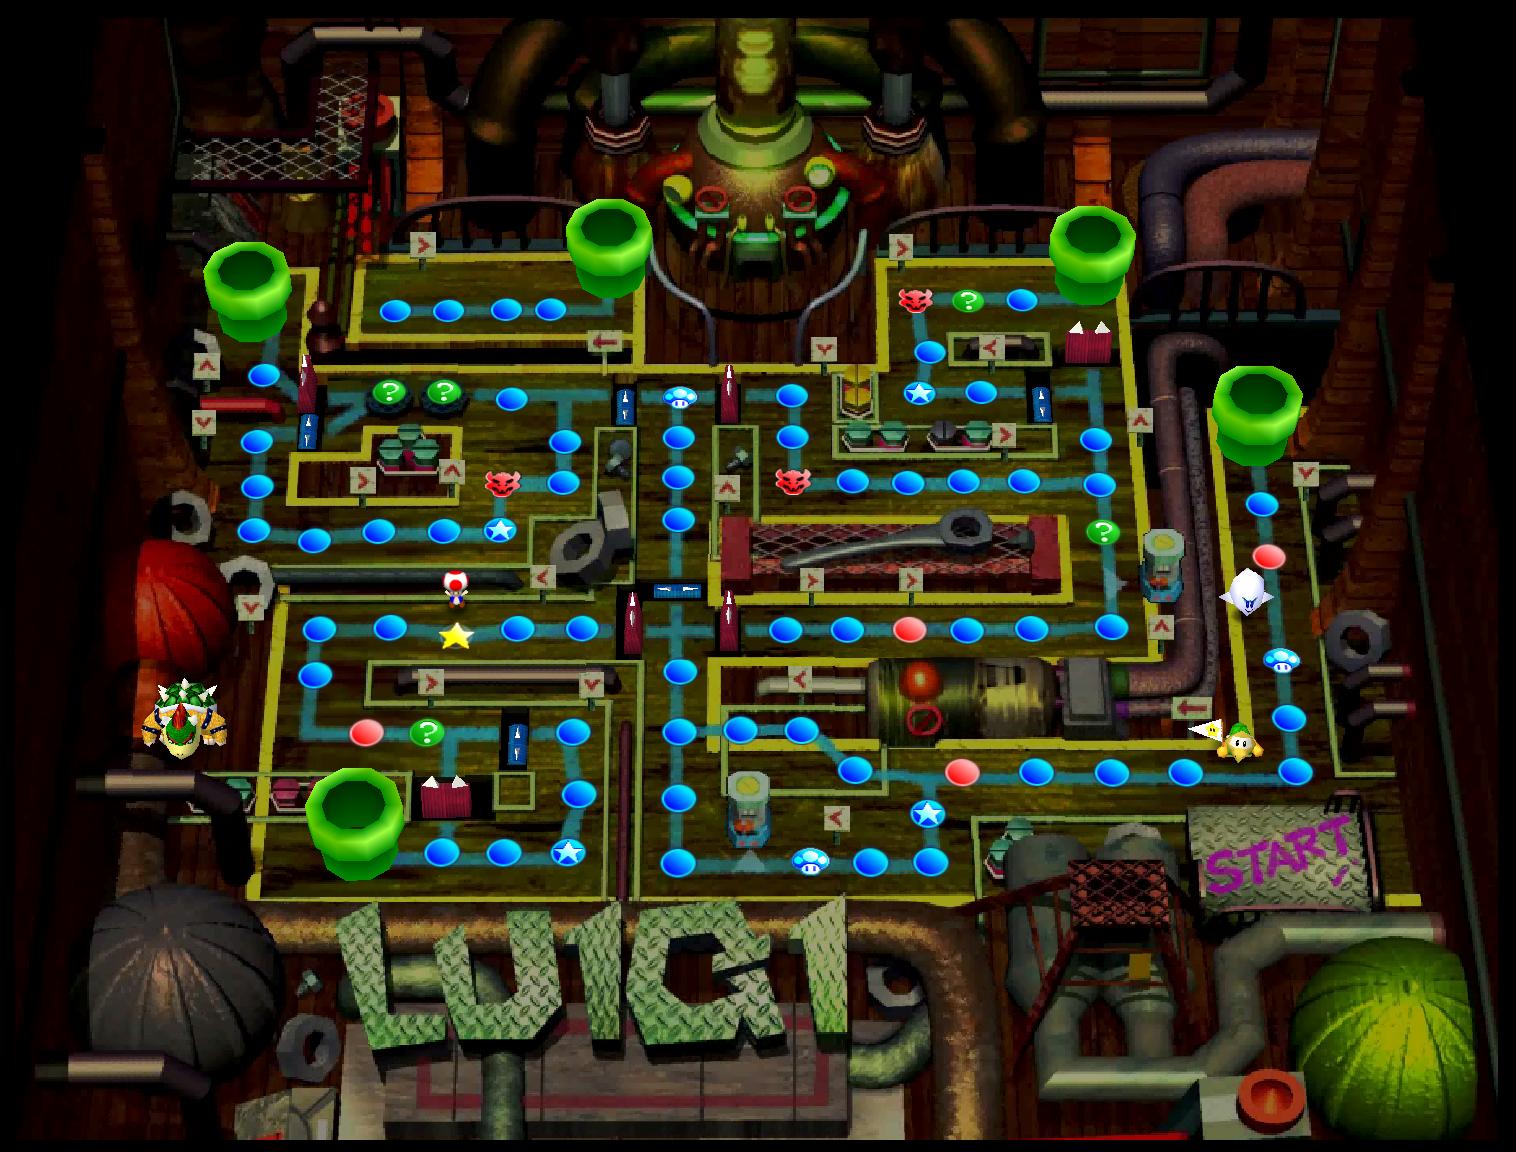 Luigi's Engine Room